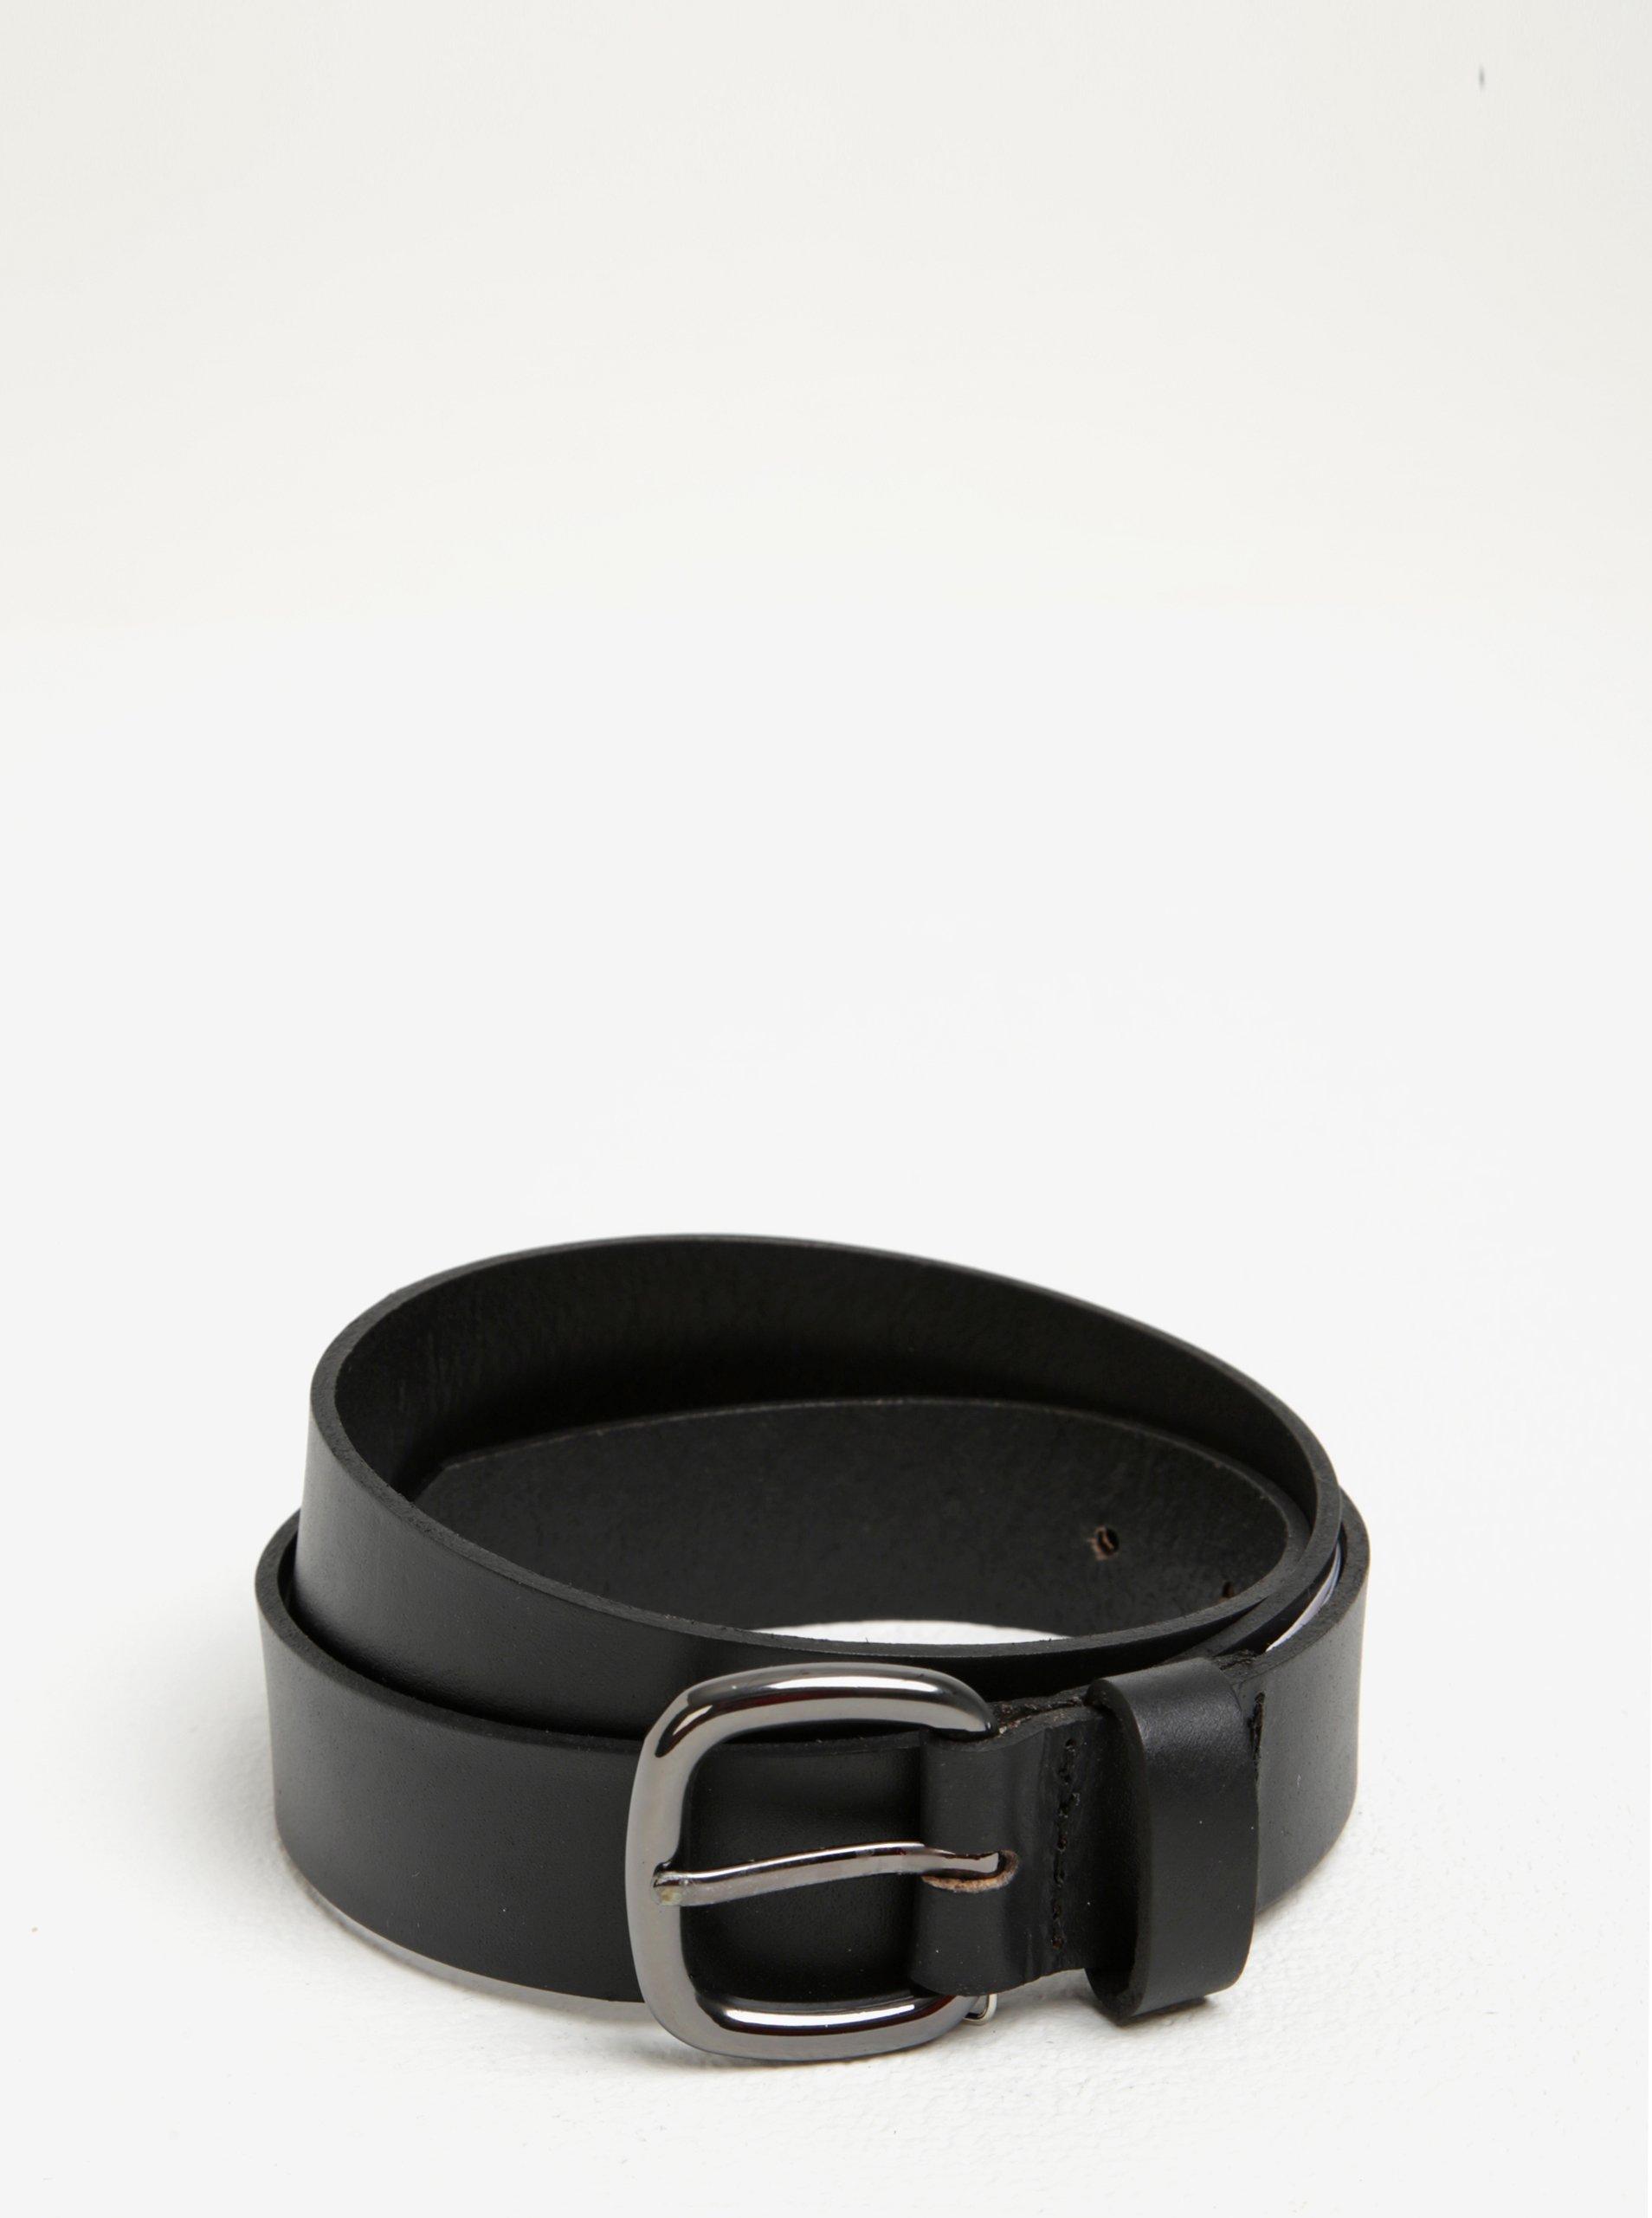 Černý kožený pásek s metalickou přezkou Pieces Rena